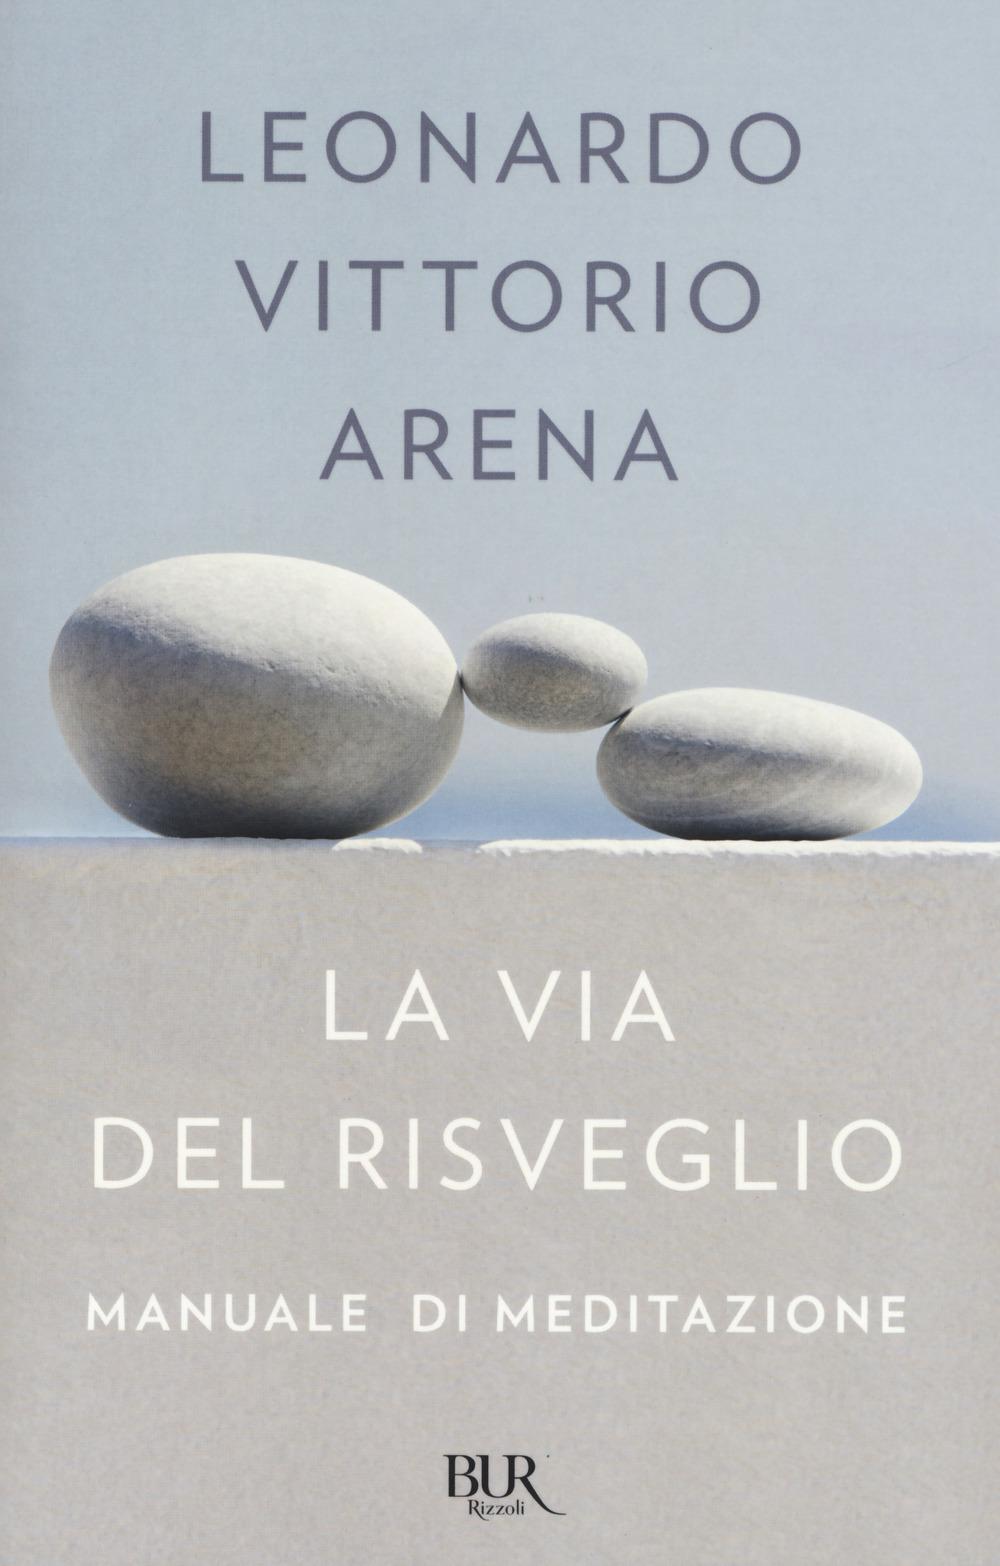 Leonardo Vittorio Arena